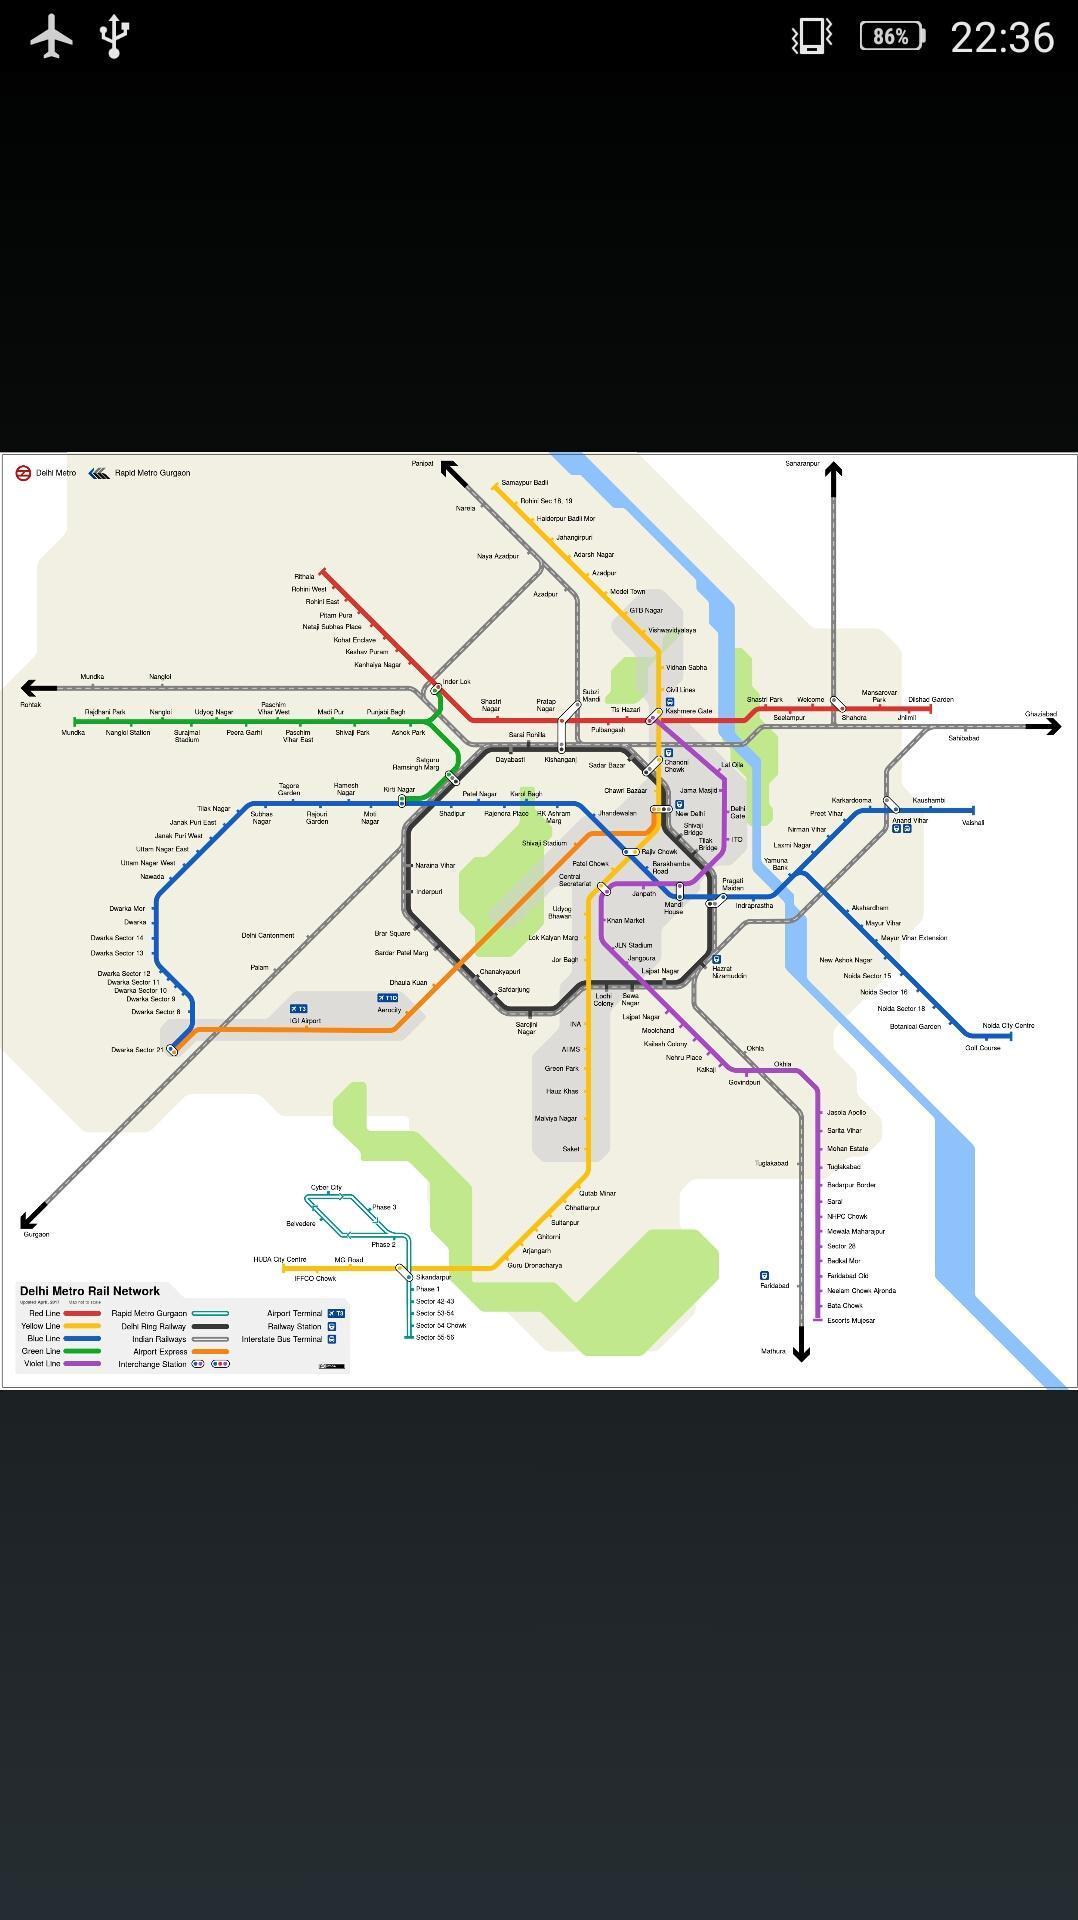 Delhi Metro Map for Android - APK Download on gurgaon new delhi, dwarka new delhi, jama masjid new delhi, alaknanda new delhi, india gate new delhi, the ashok new delhi, chattarpur new delhi, ashoka hotel in new delhi, shahdara new delhi, shastri park new delhi, mayur vihar new delhi, vikaspuri new delhi, sarojini nagar new delhi,